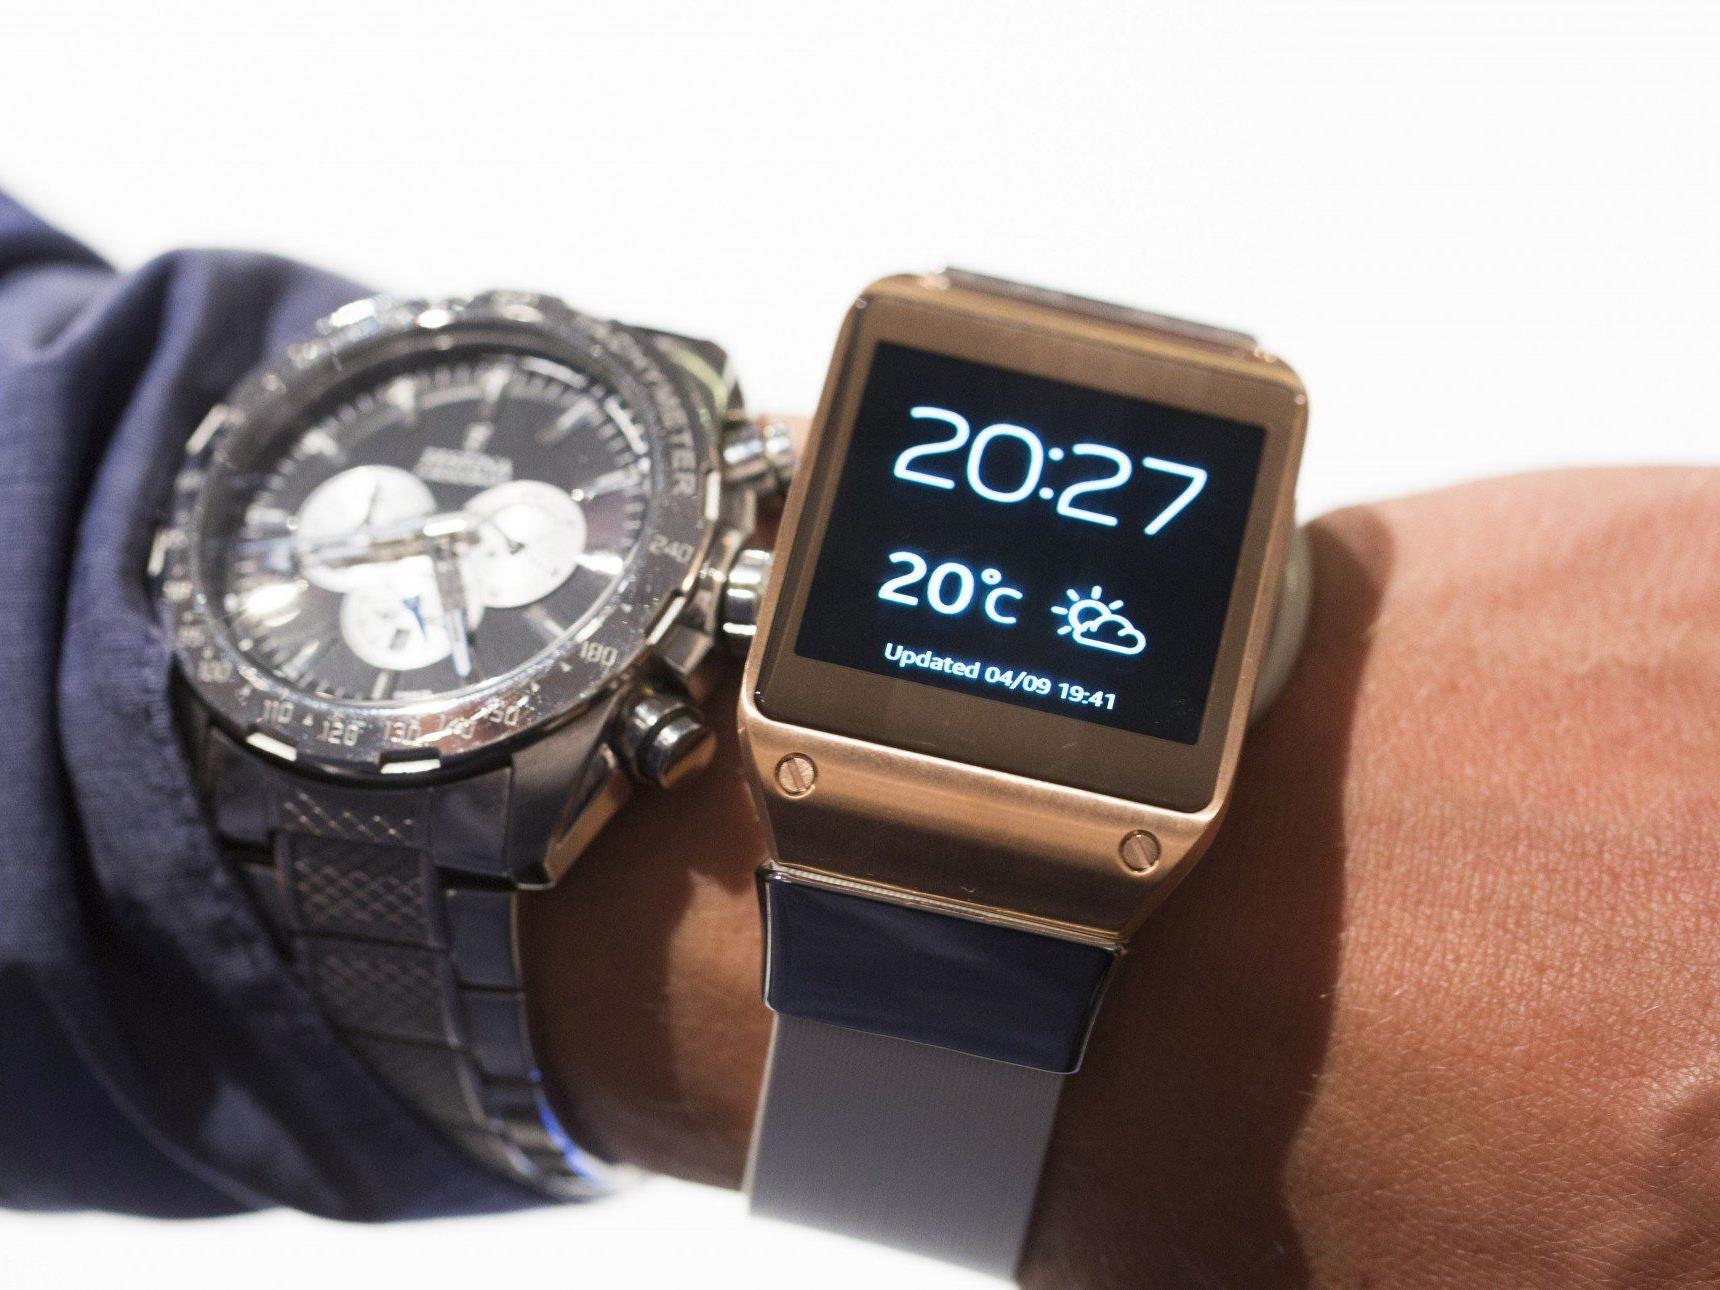 Elektronikriese Samsung präsentierte in Berlin seine erste Smartwatch, die Galaxy Gear.